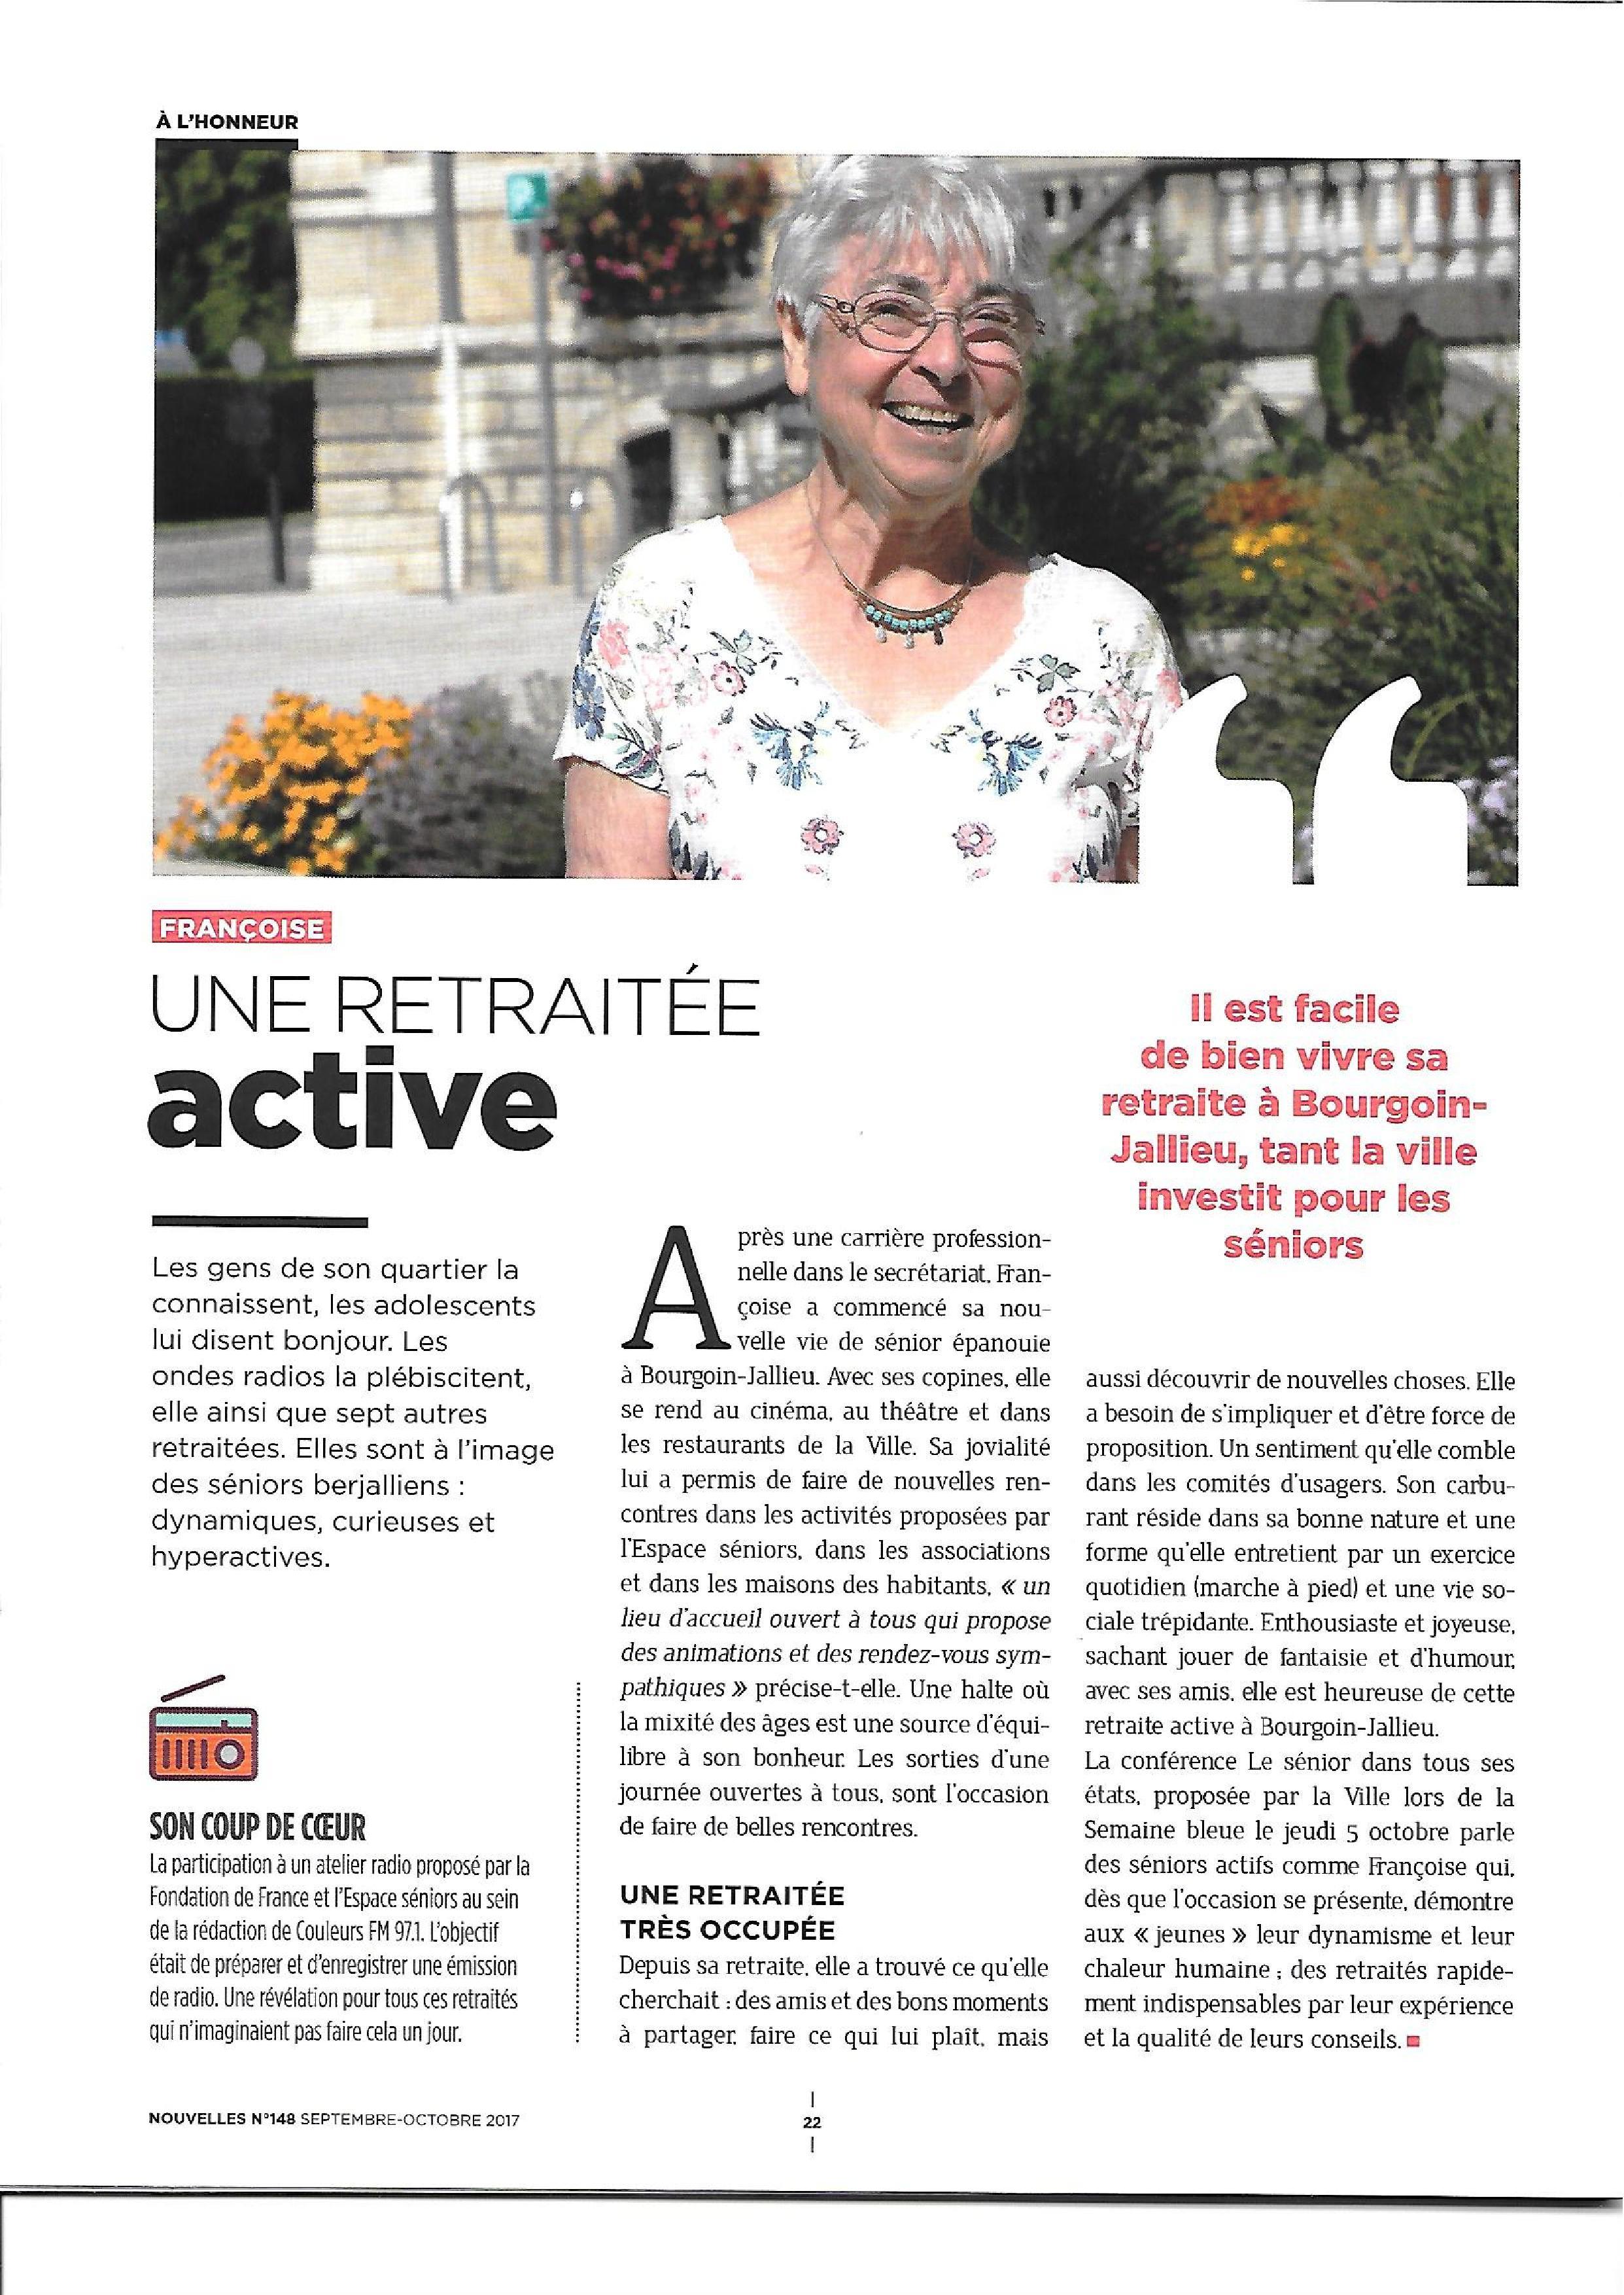 20170831 Fenetre Sur Cour Françoise Page 001